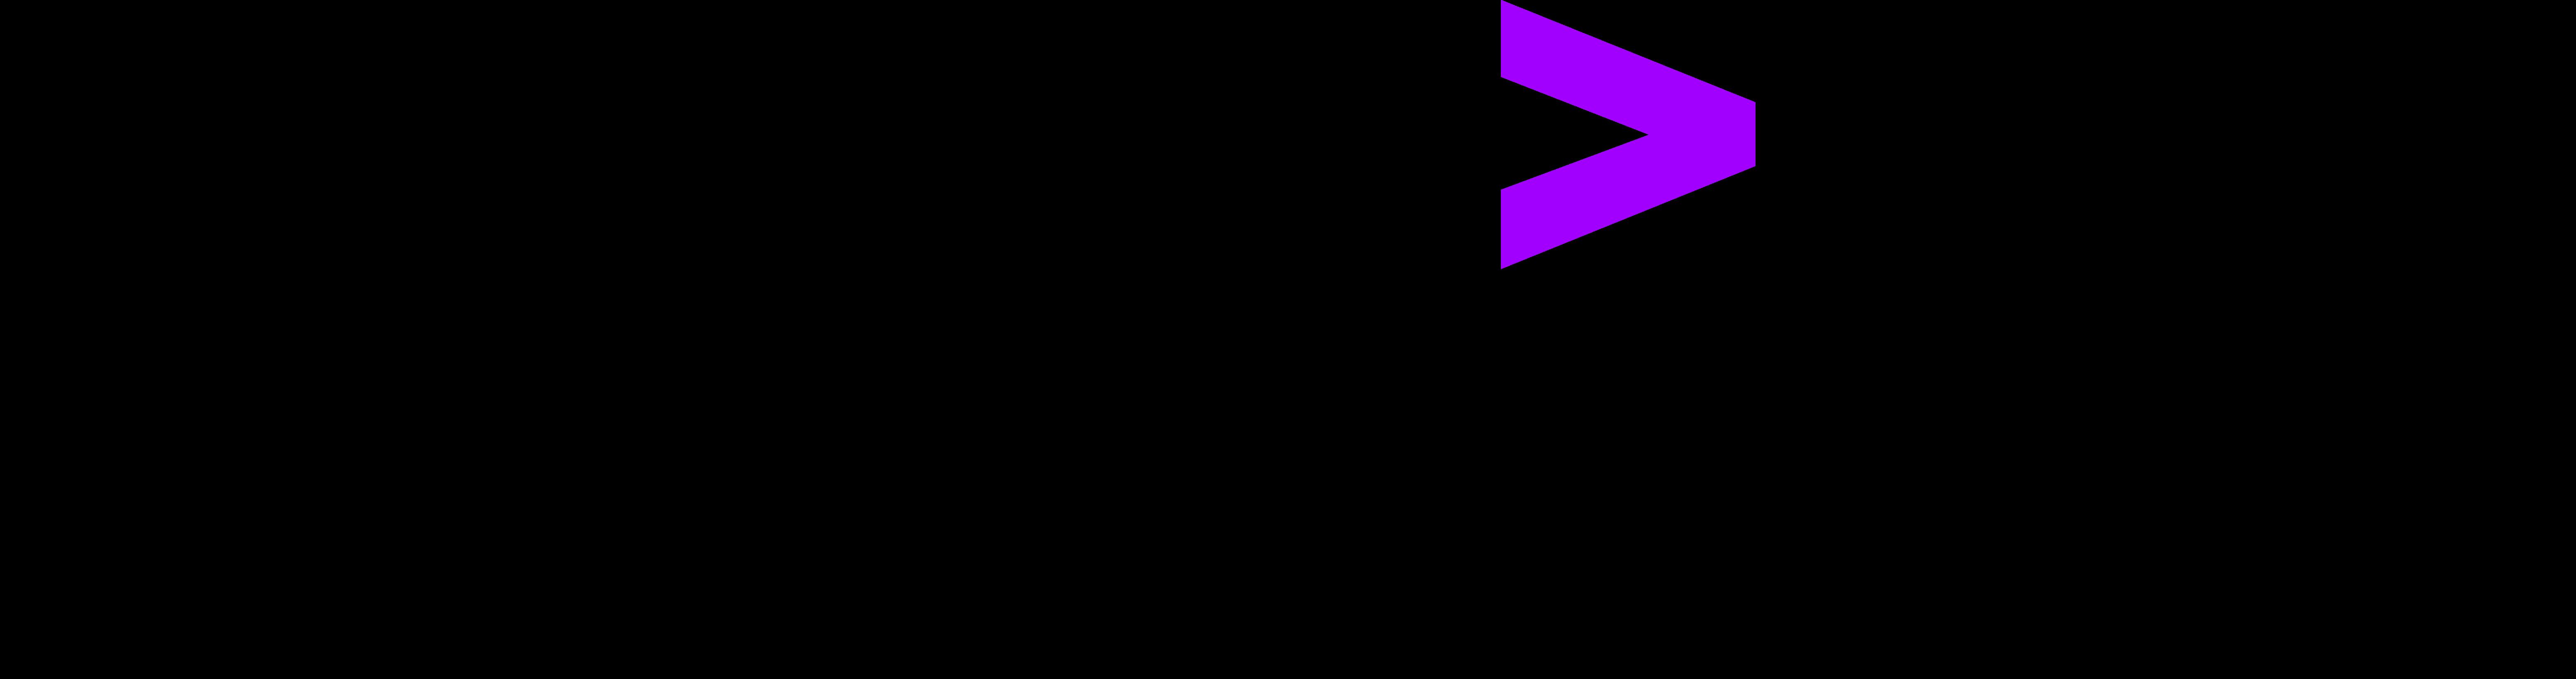 Acc logo black purple rgb